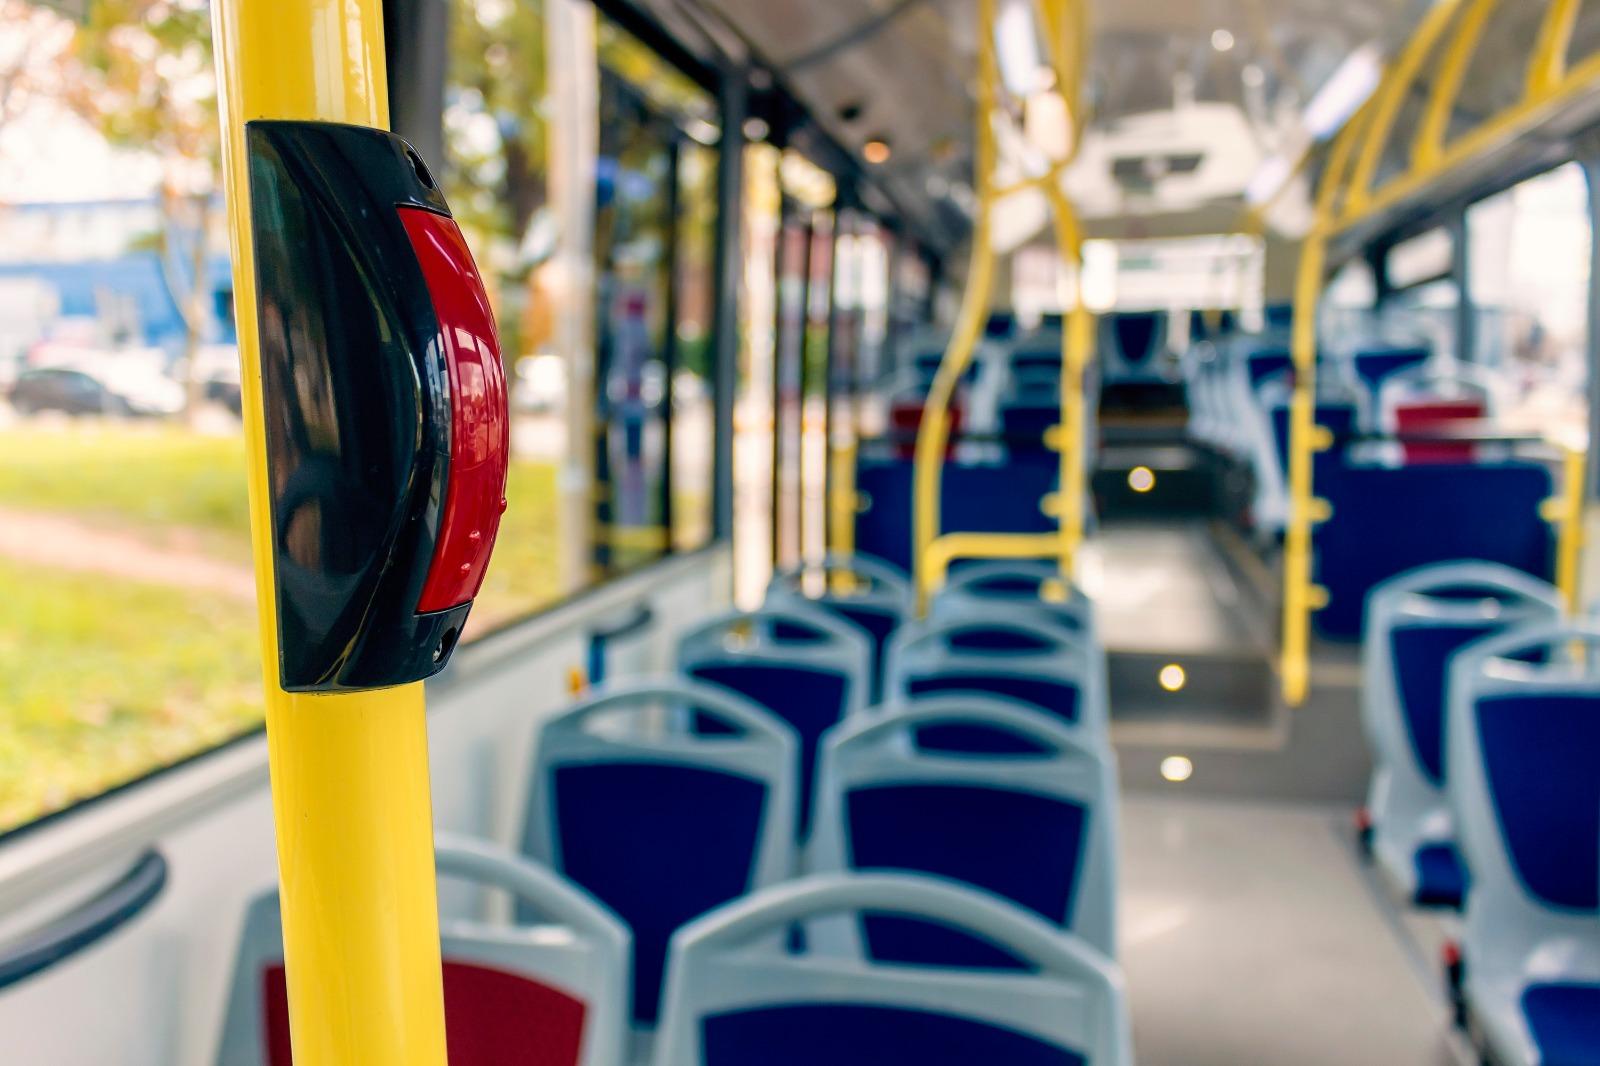 La Generalitat adjudica el servicio público de transporte de personas por carretera CV-002 Vinaròs- Benicarló-Peníscola